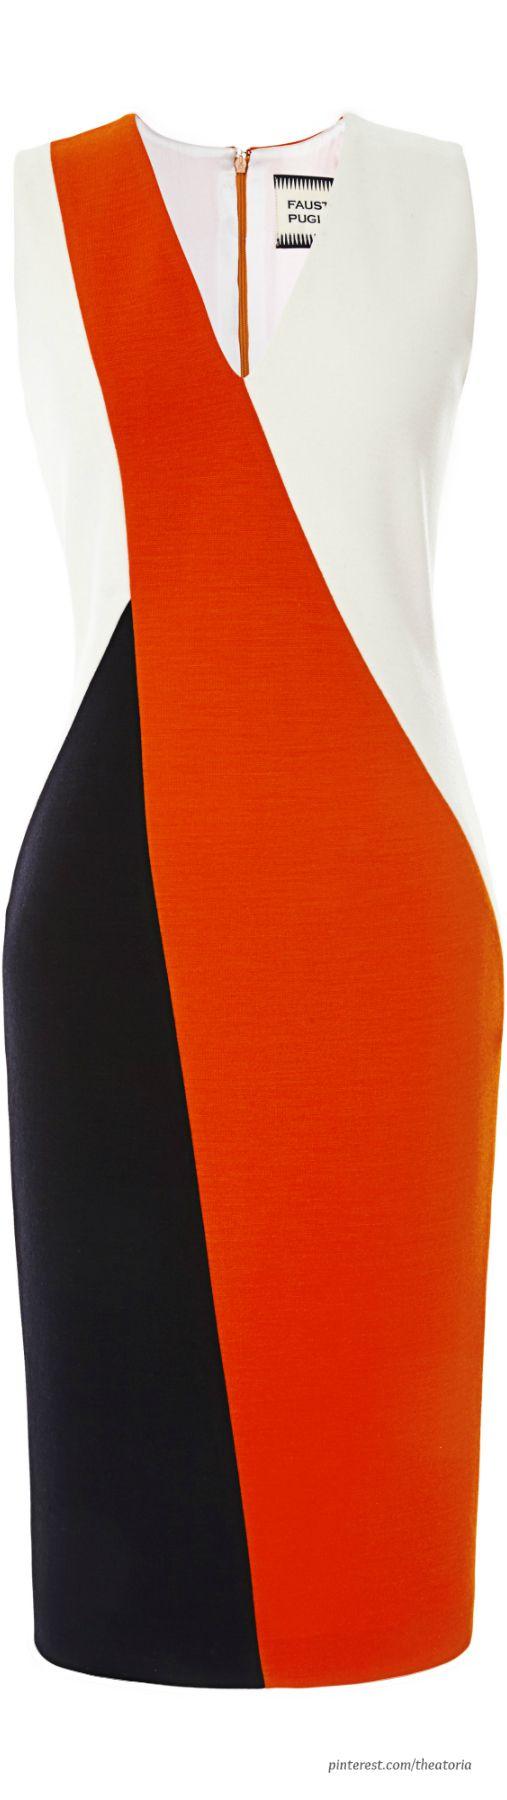 Fausto Puglisi - Pre-Fall 2014, Color-Blocked Sheath Dress